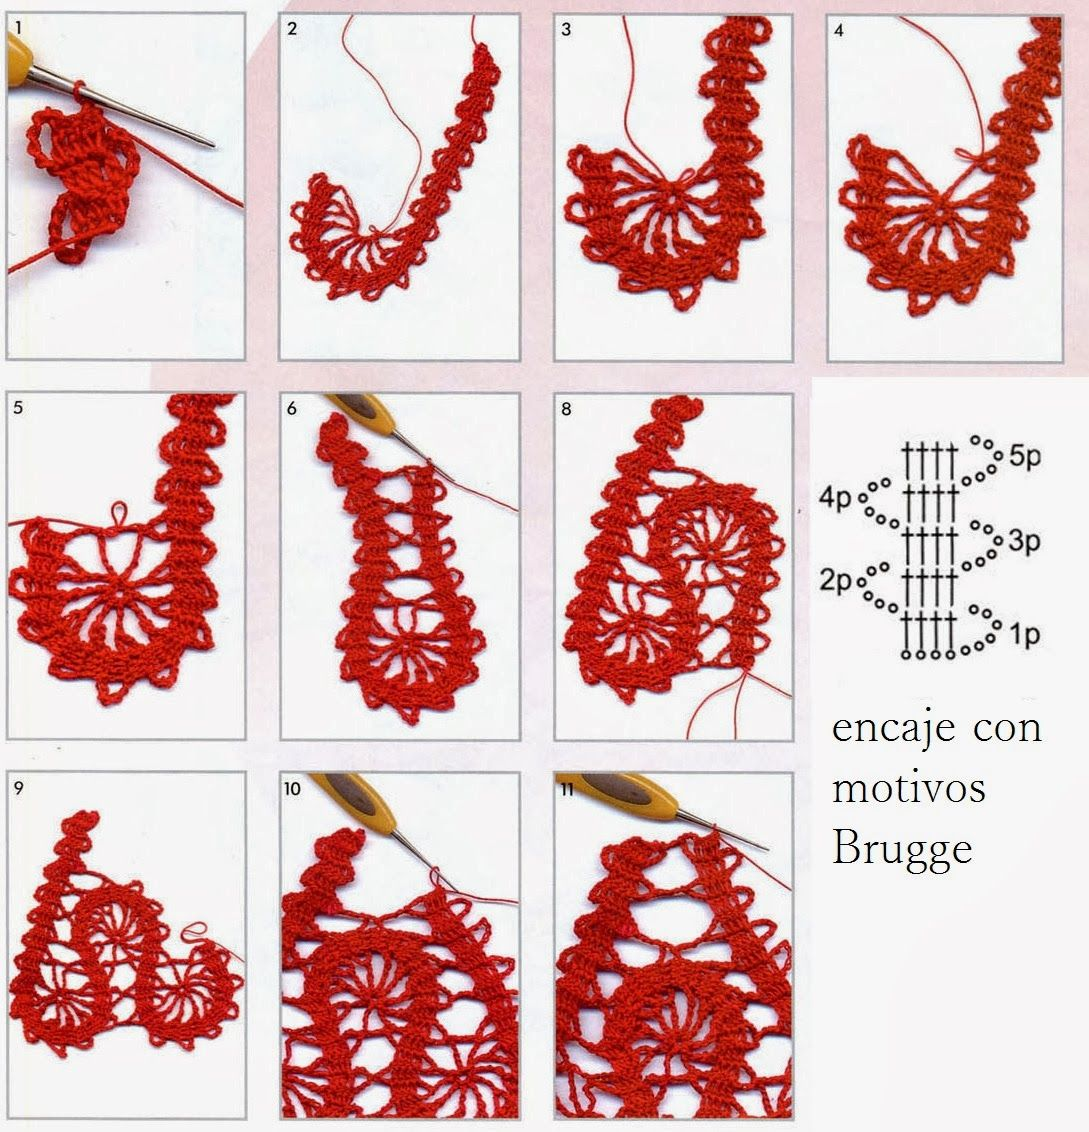 Patrones Crochet: Punto Crochet Encaje con Motivos Brugge ...